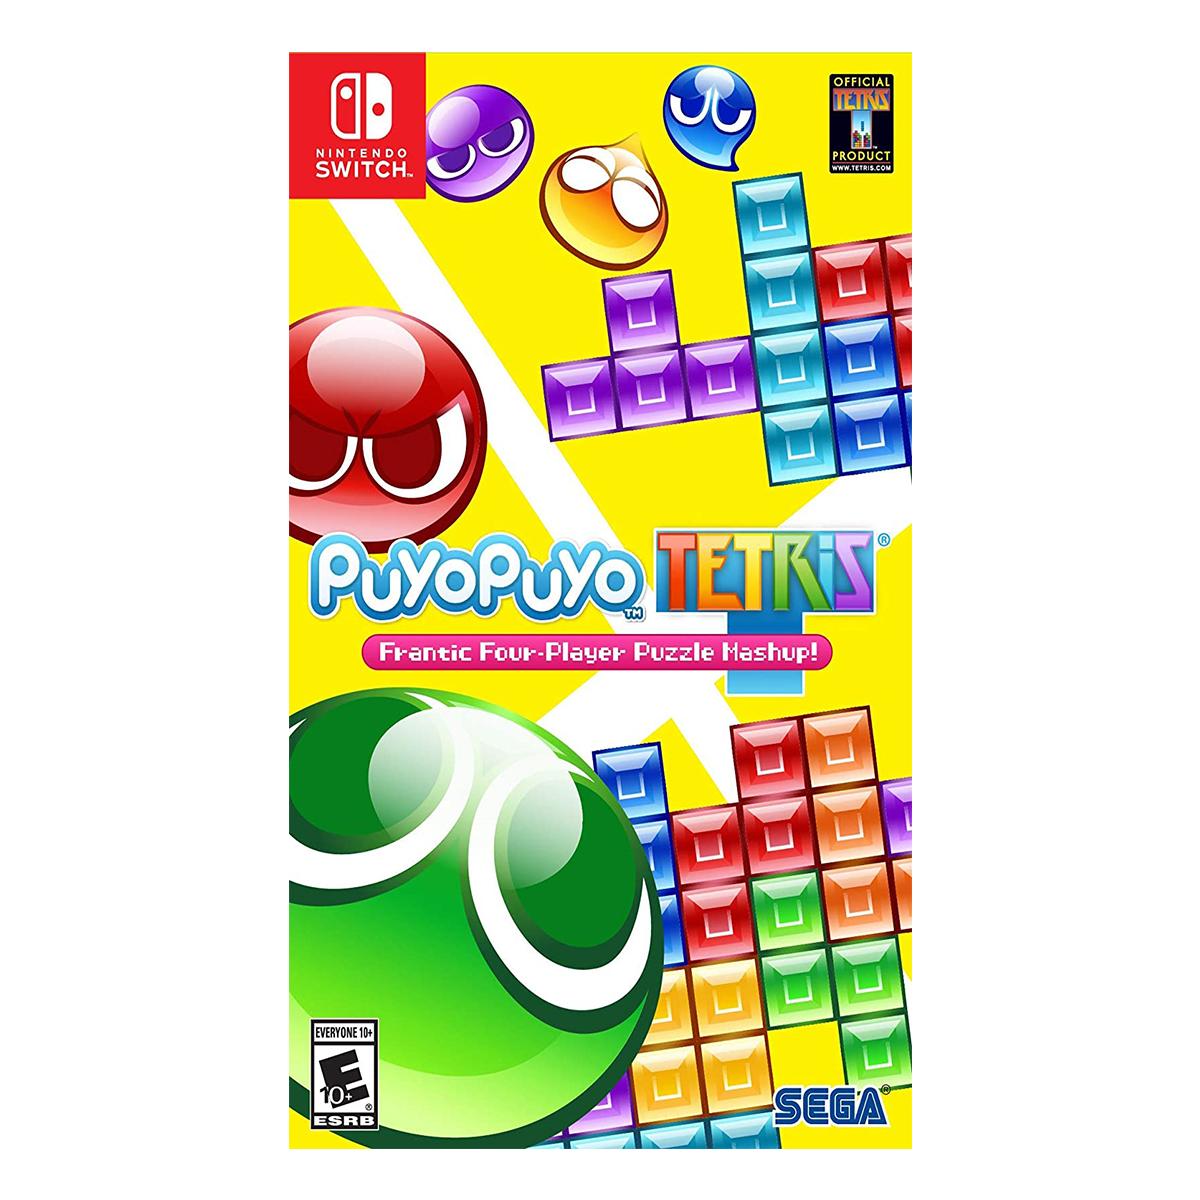 بازی Puyo Puyo Tetris مخصوص Nintendo Switch